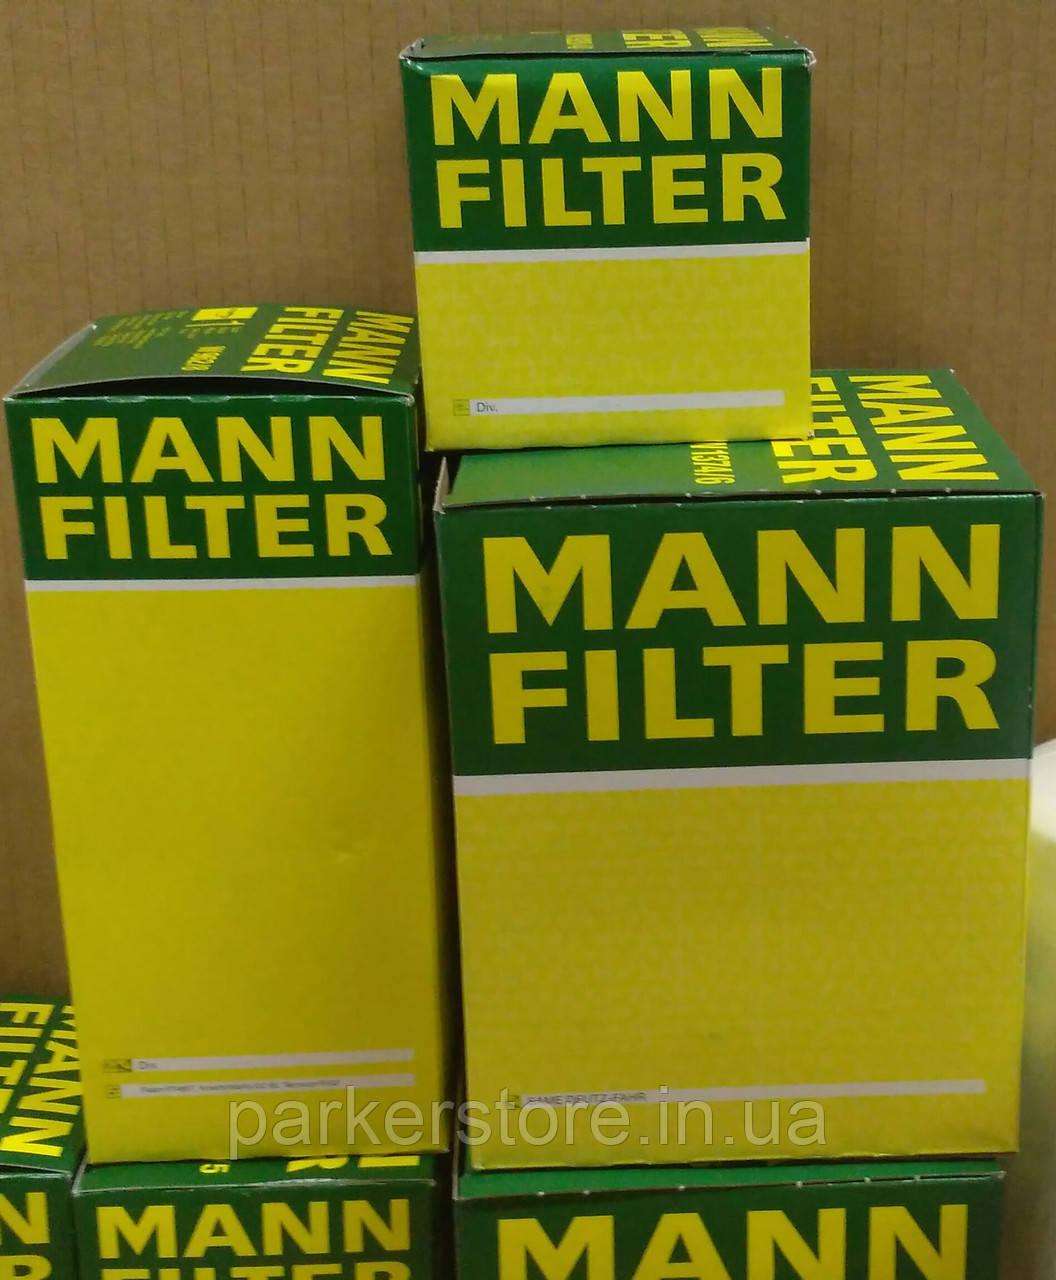 MANN FILTER / Повітряний фільтр / C 1281 / C1281